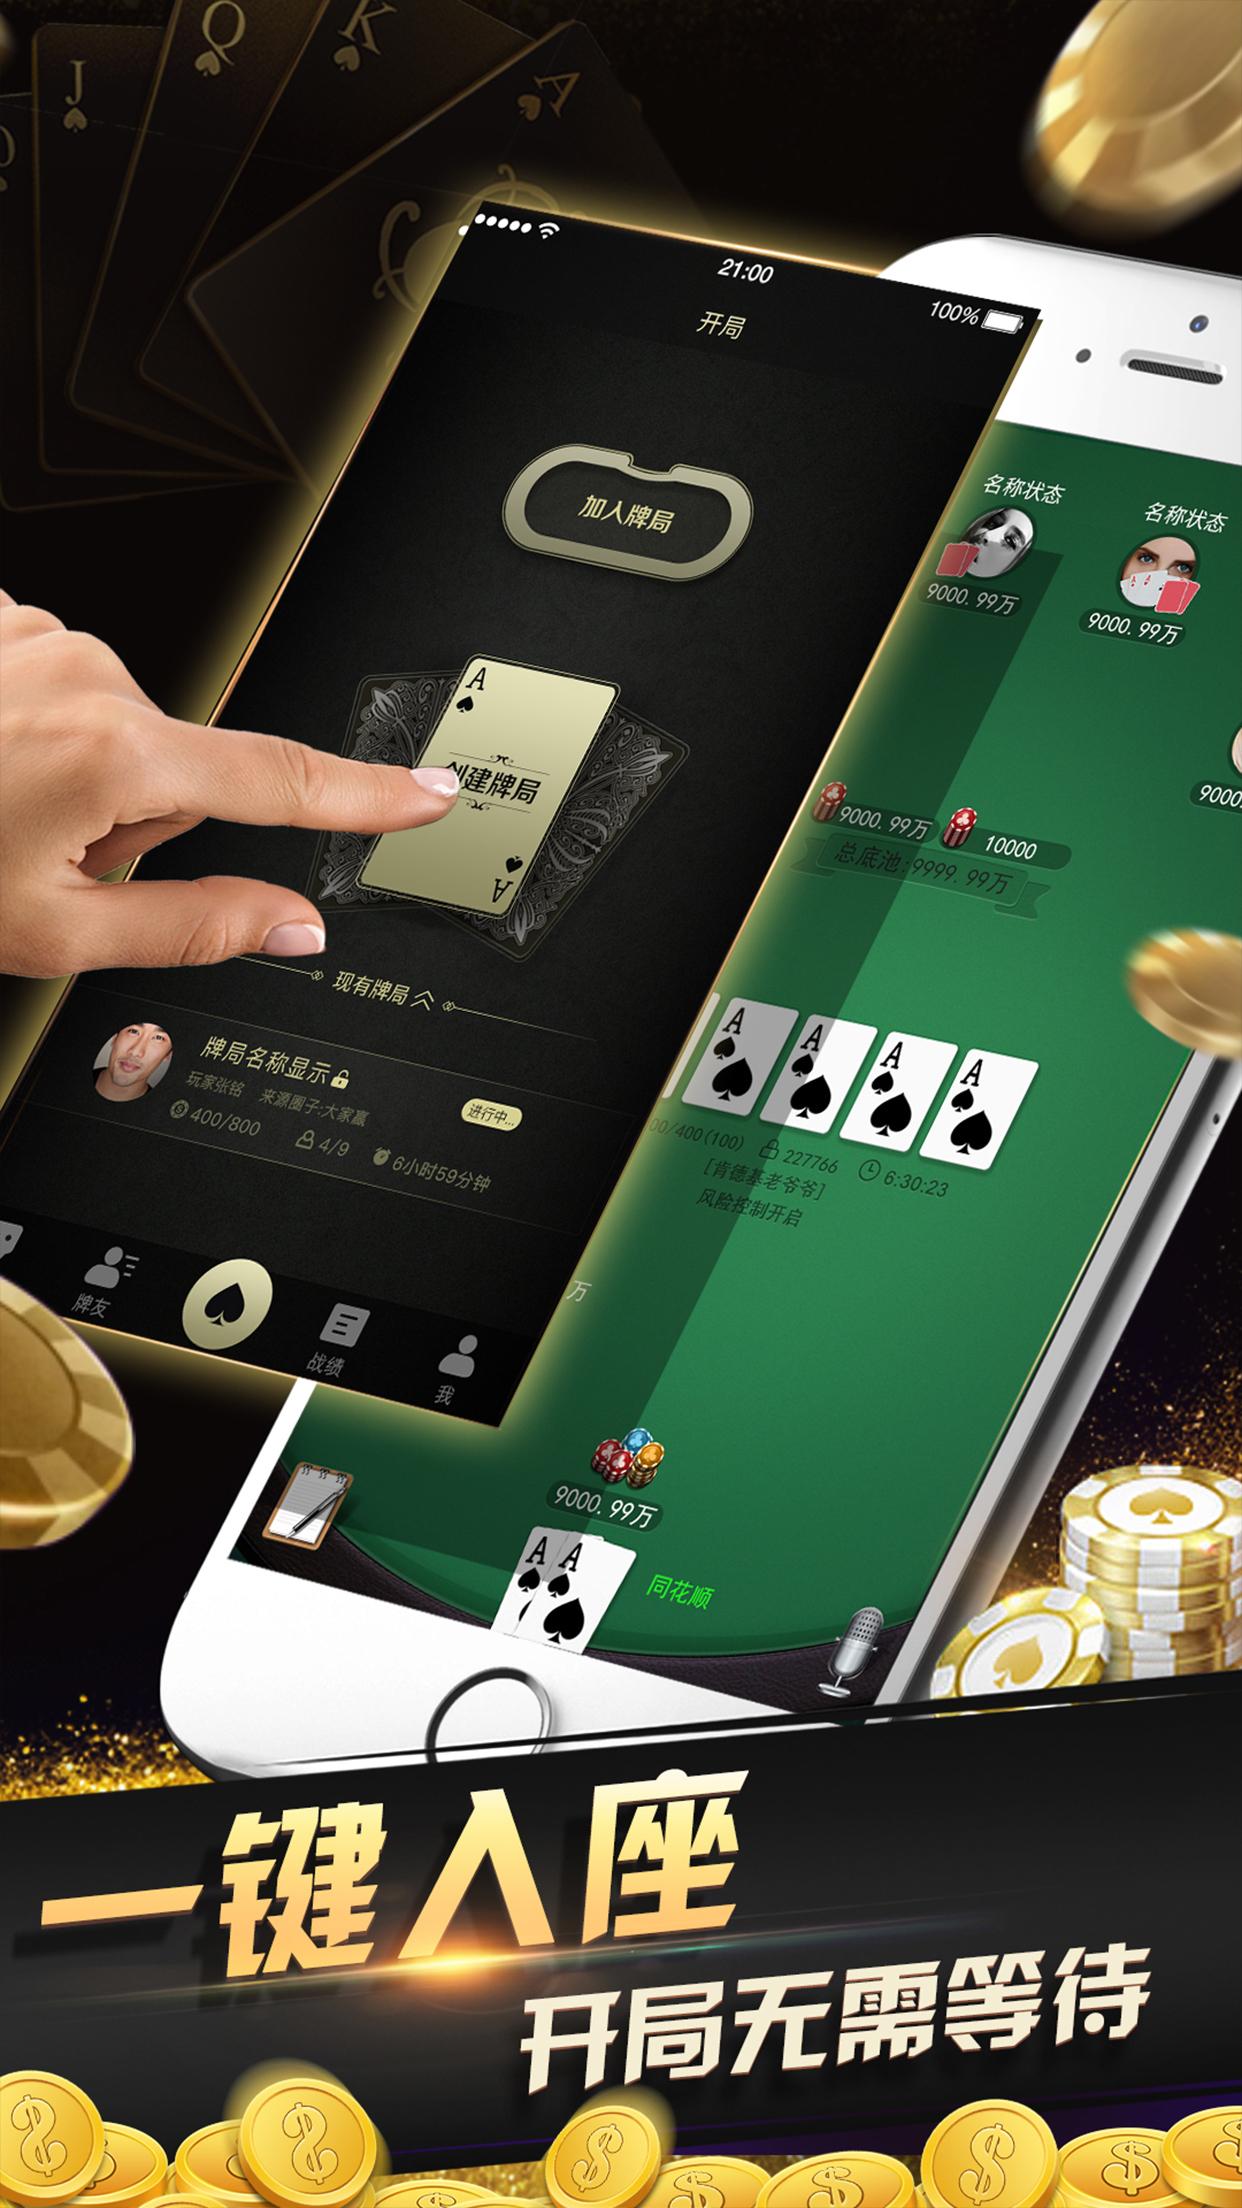 牌友·德州扑克-专业德扑约